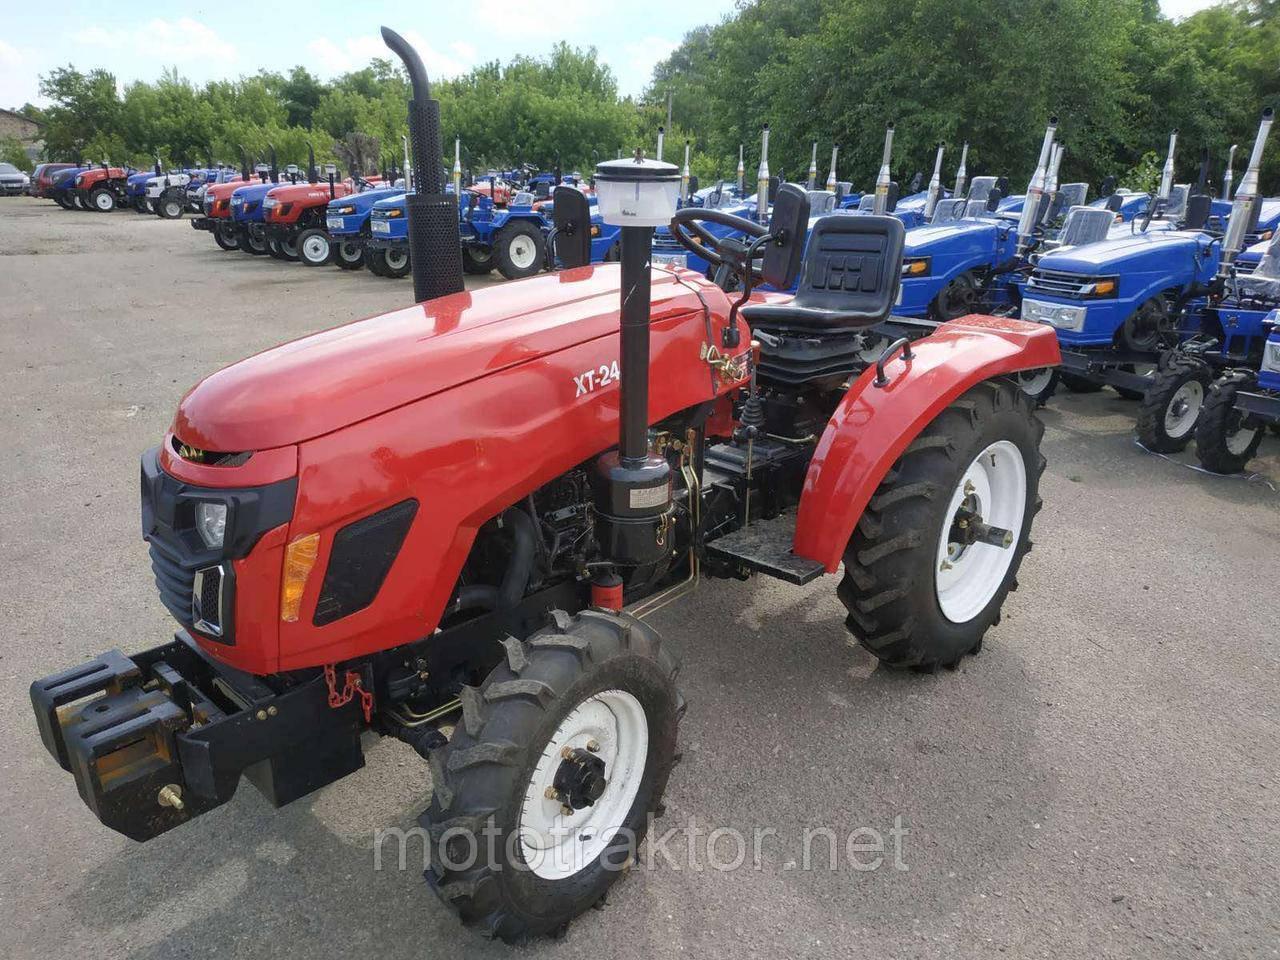 Трактор Т244 (24 л.с. ГУР, блокировка)